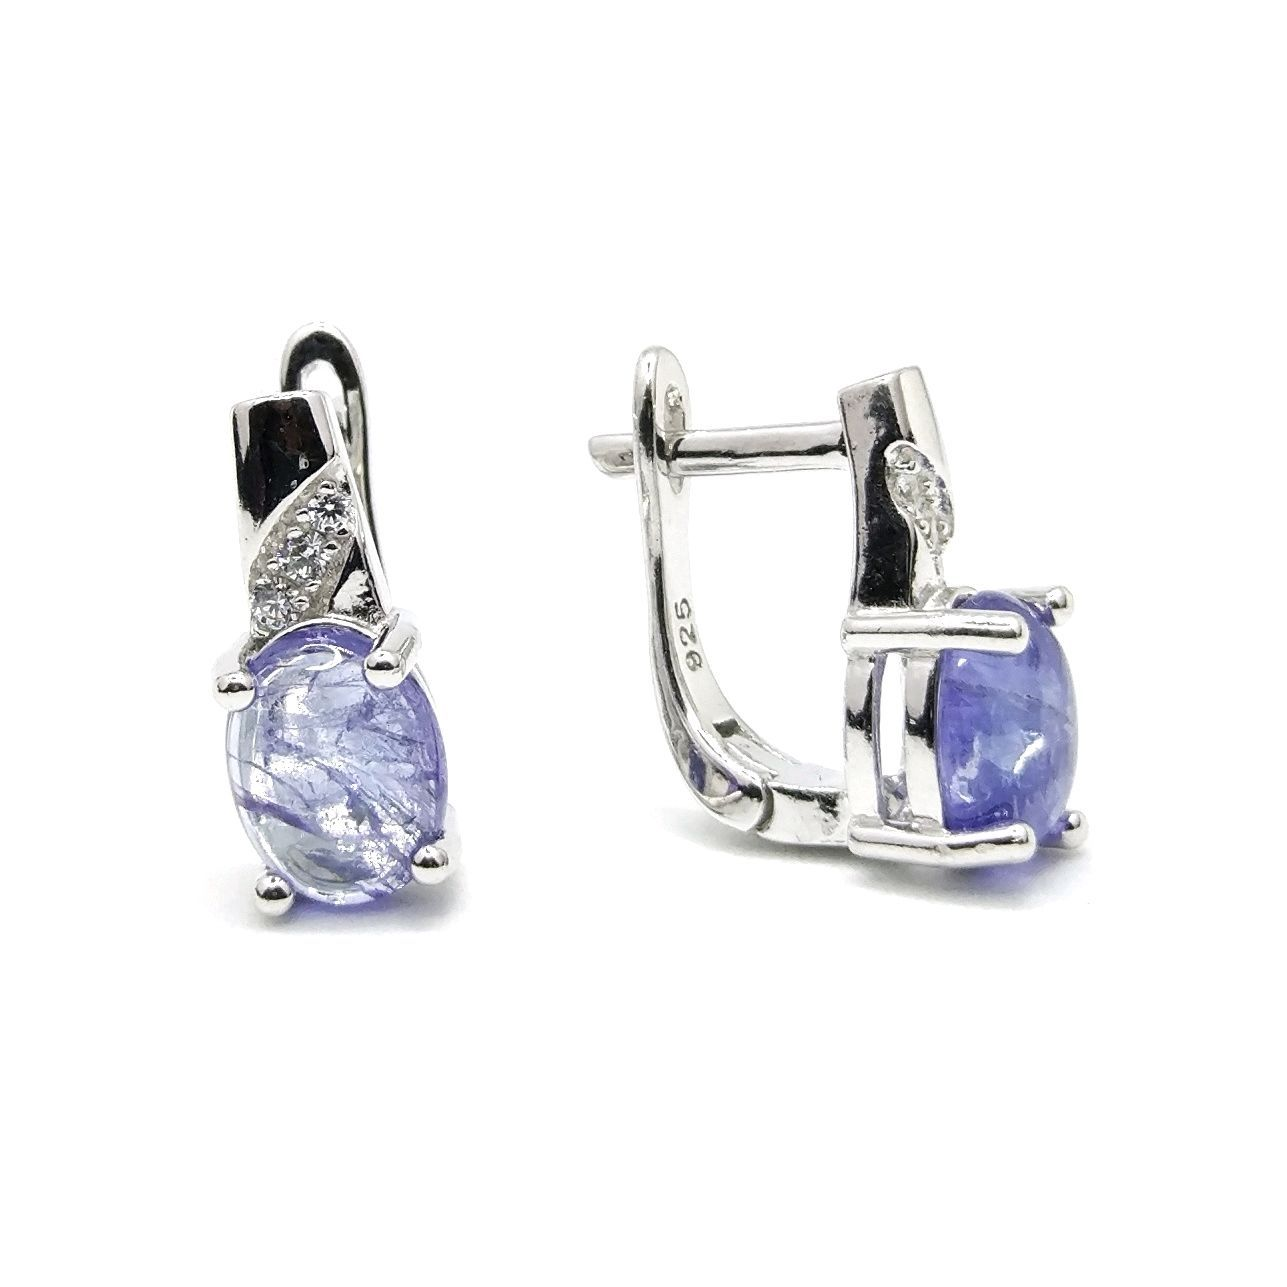 6f2445ac74c3 Серьги танзанит серебро 925 - купить или заказать в интернет ...